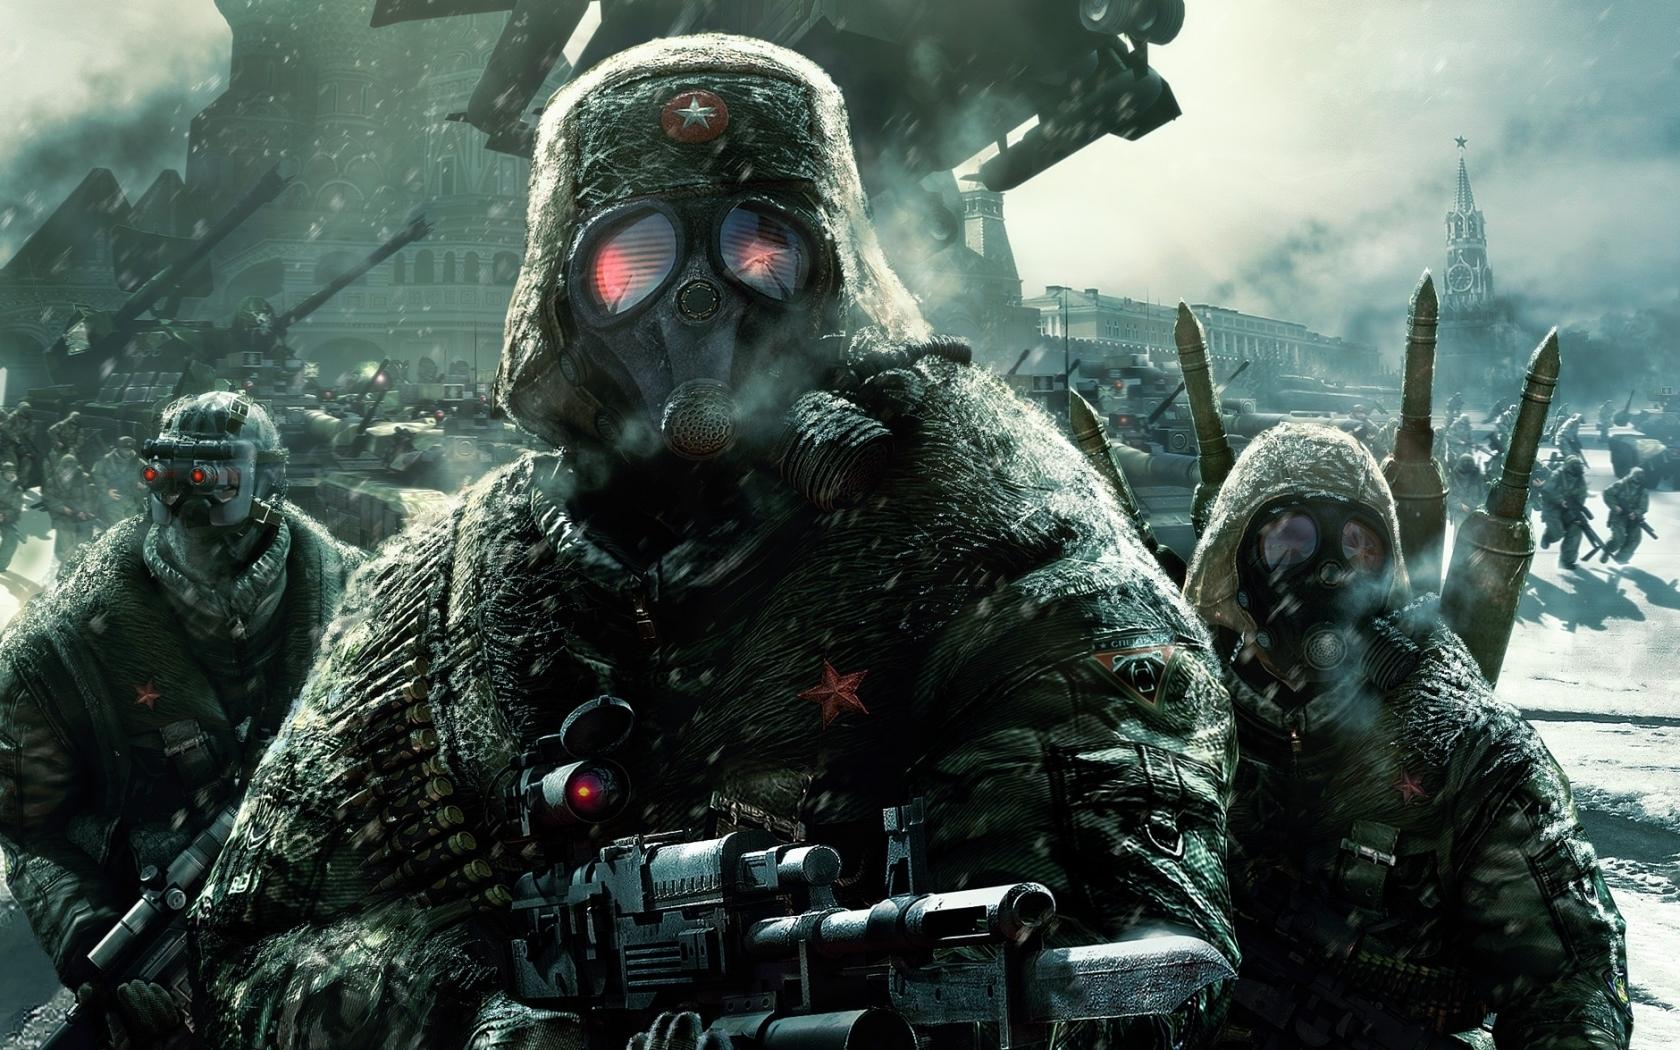 25347 Hintergrundbild herunterladen Spiele, Soldiers - Bildschirmschoner und Bilder kostenlos